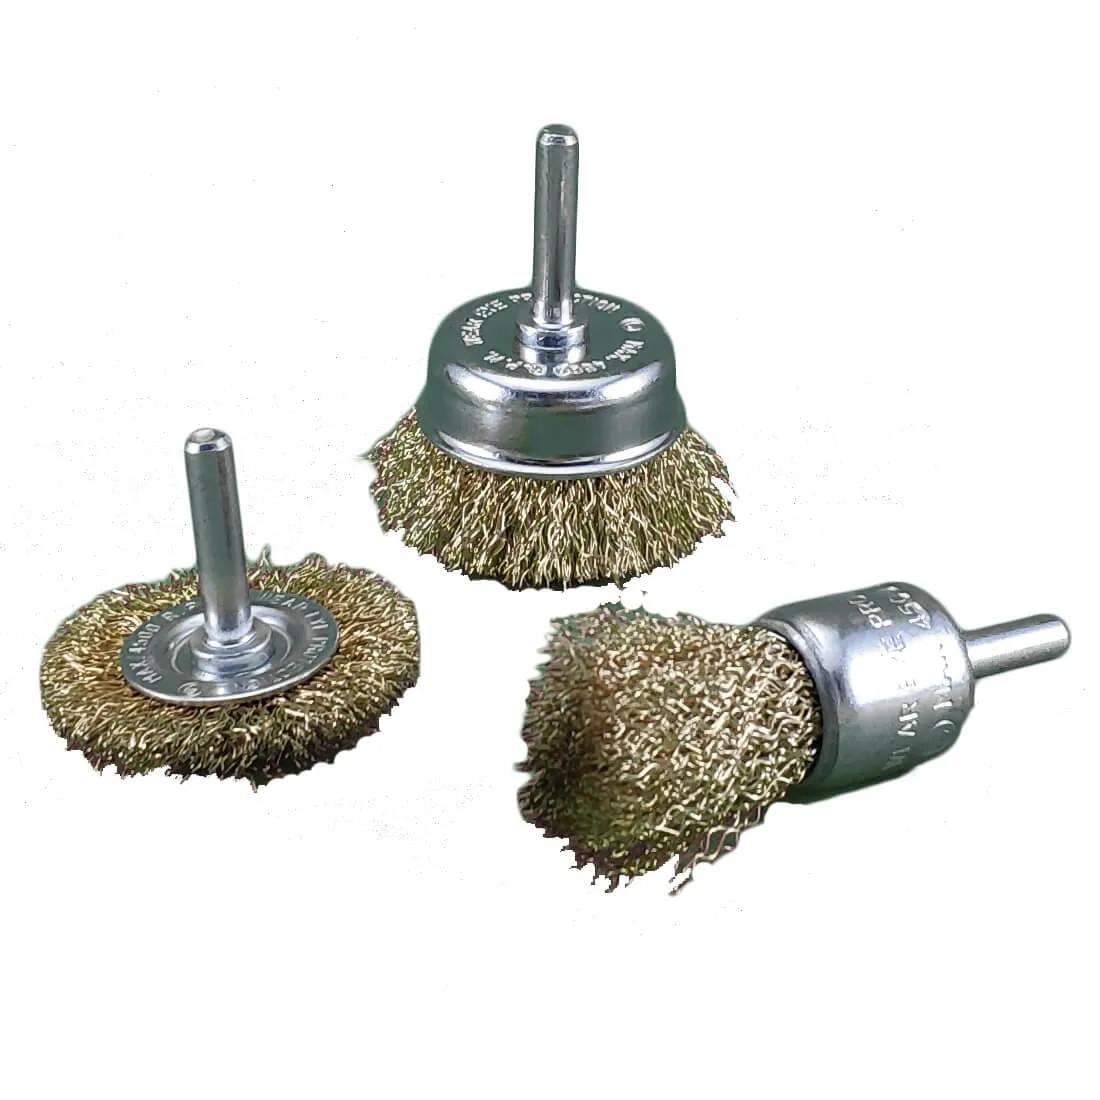 Escova de Aço para Furadeira Kit 3 Peças